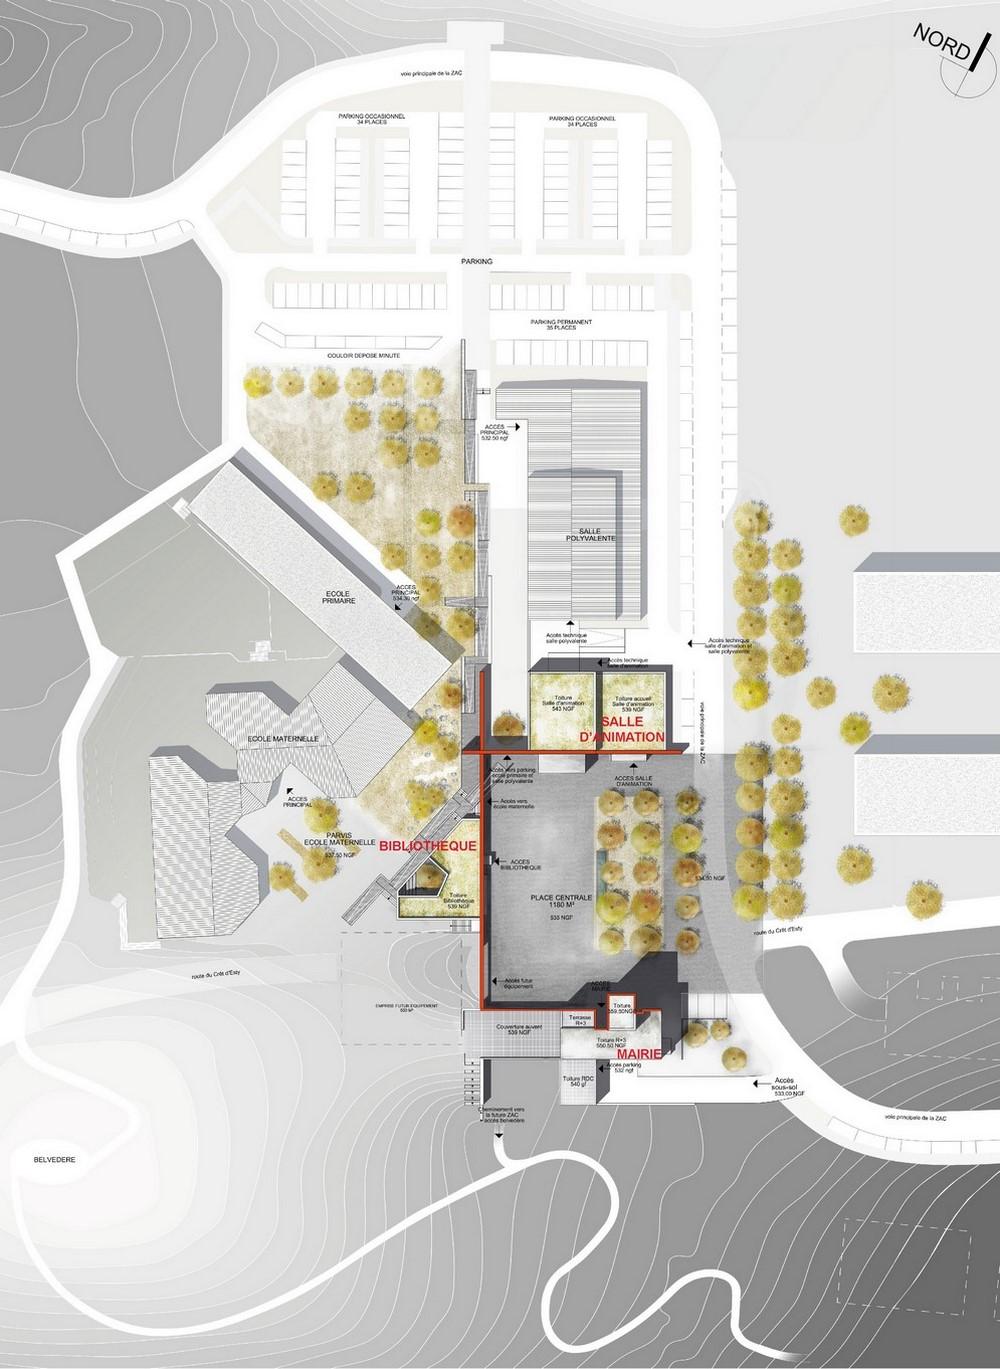 pateyarchitectes - concours pour la réalisation de la nouvelle mairie, de la bibliothèque, ... à chavanod - haute savoie